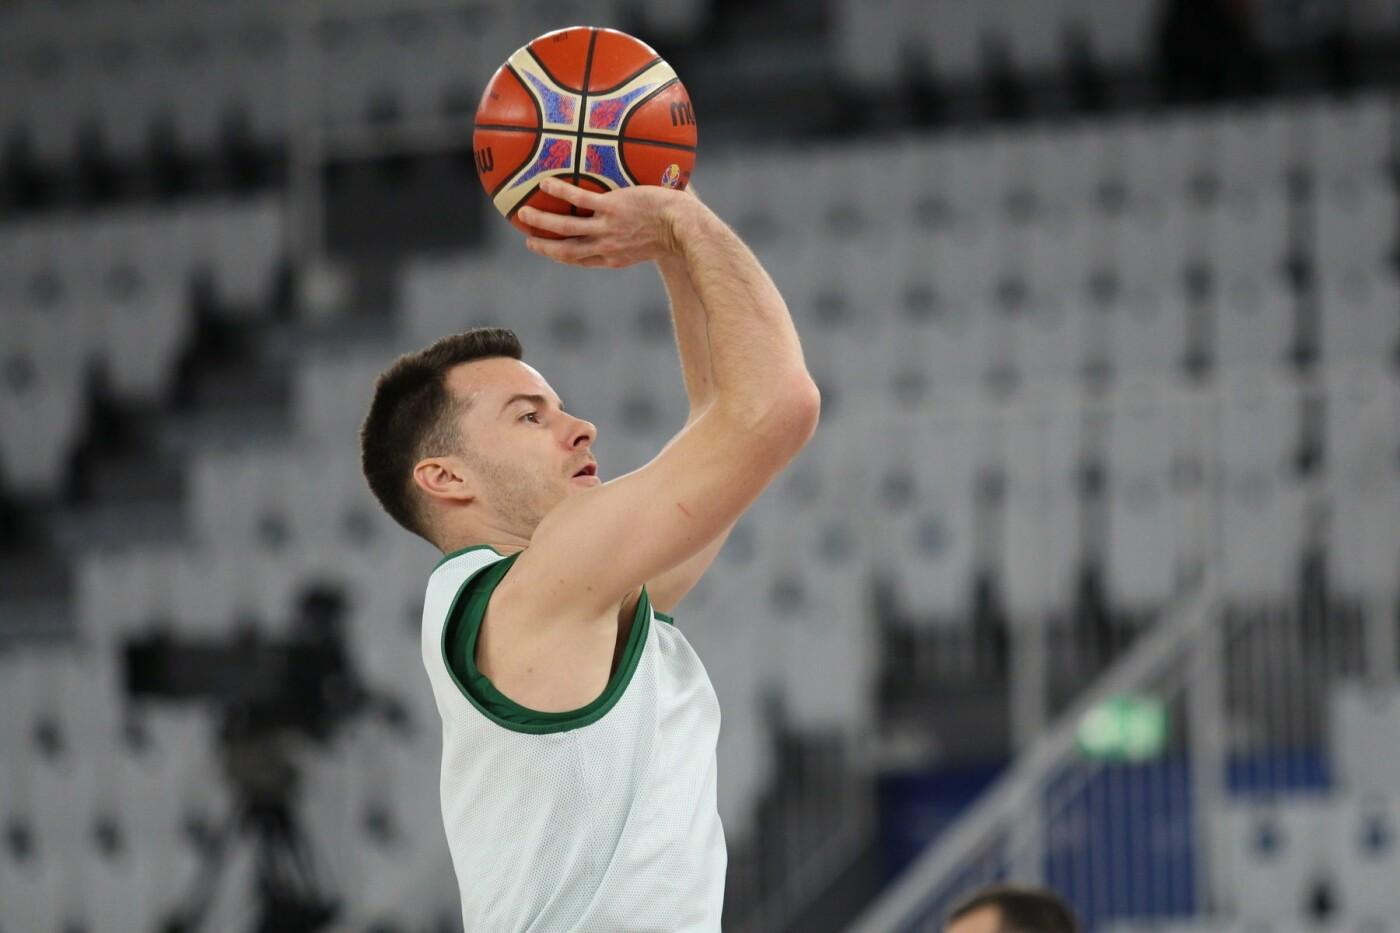 Lietuvos vyrų krepšinio rinktinė surengė vienintelę treniruotę Italijoje, nuotrauka-7